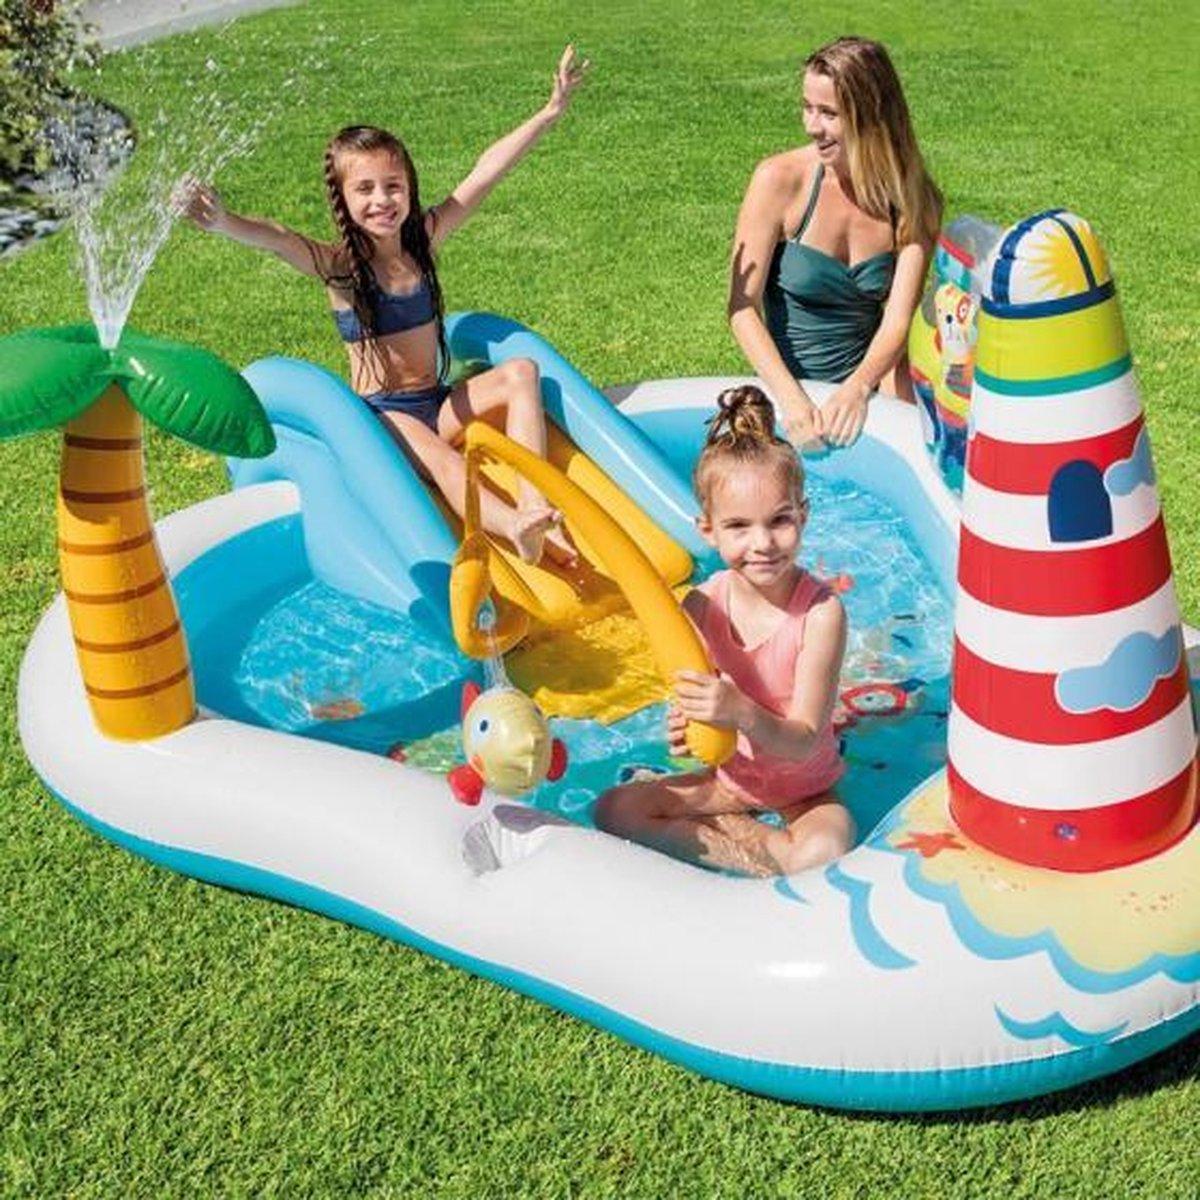 speelzwembad zeeparadijs 57162NP 218 x 188 x 99 cm PVC